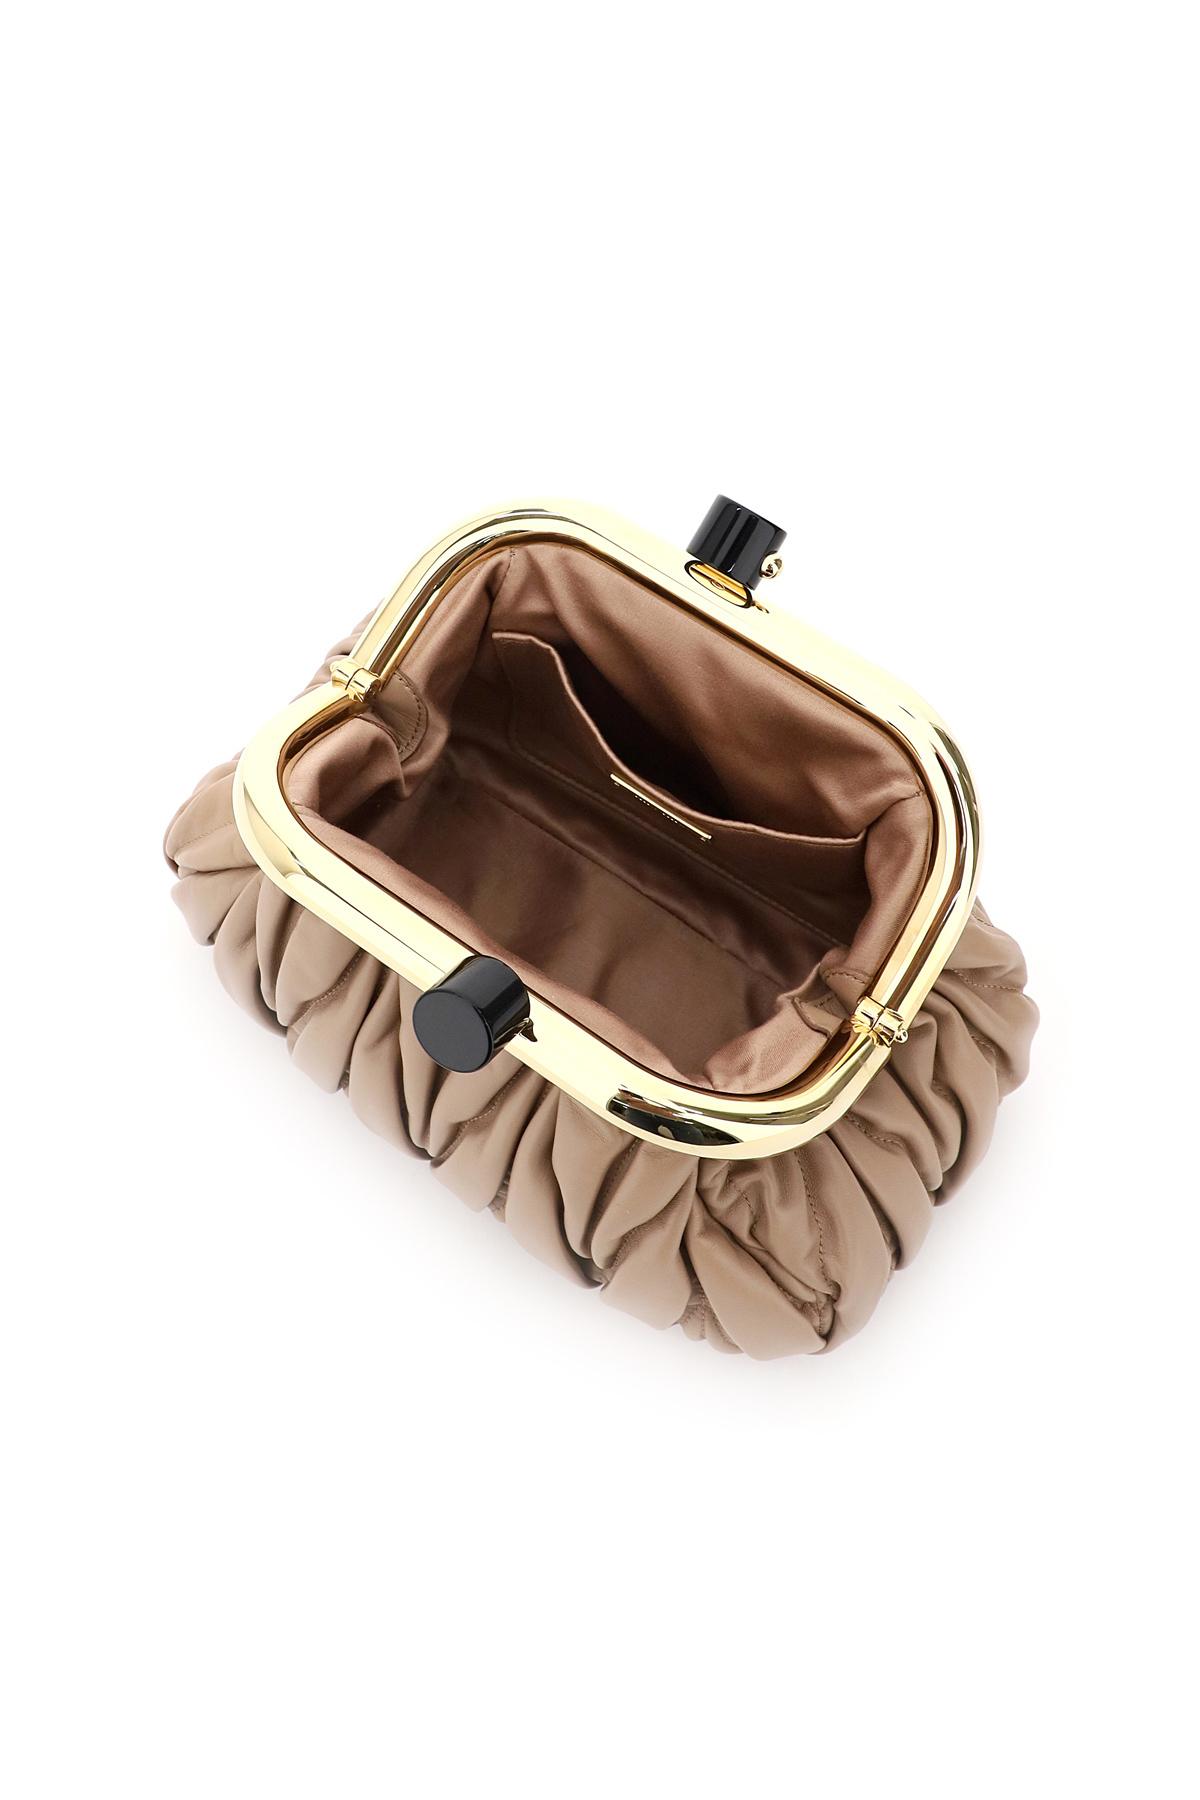 Miu miu borsa pochette nappa matelasse miu belle